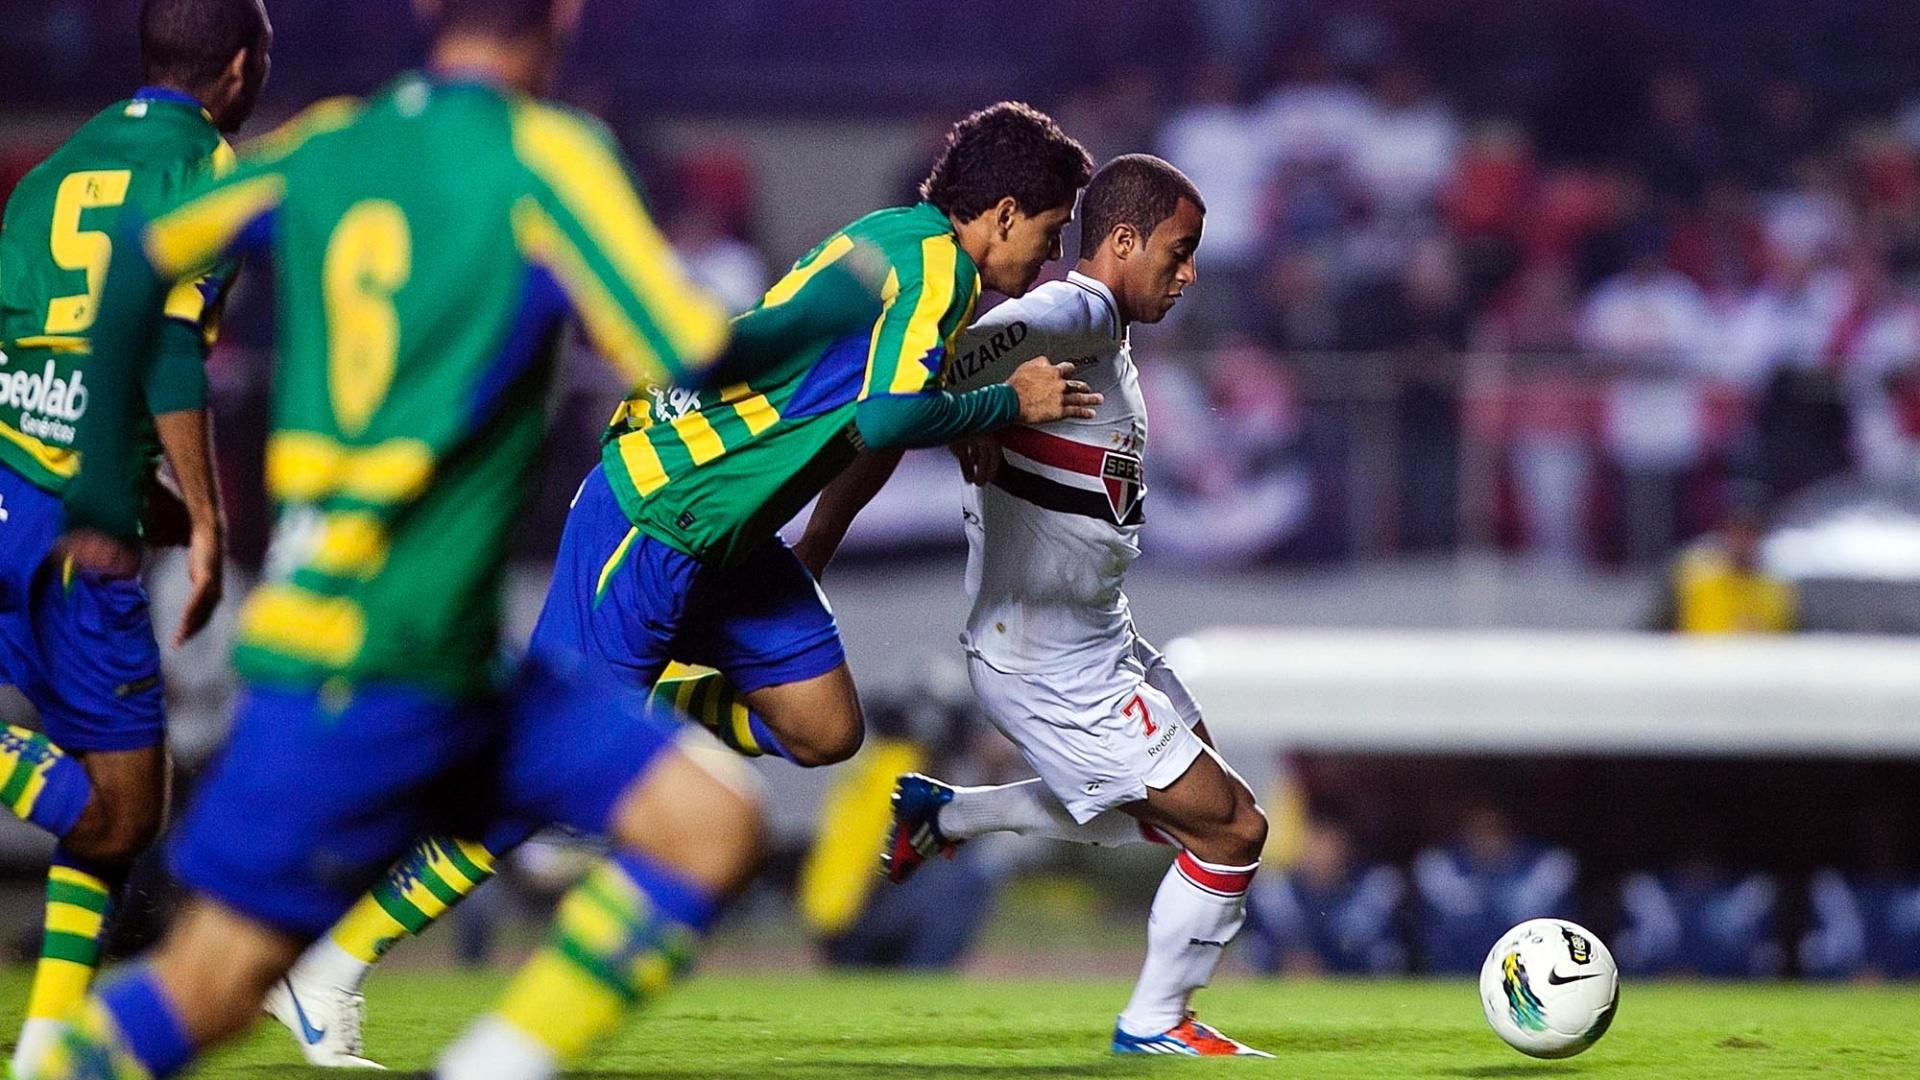 Lucas, meia do São Paulo, conduz a bola cercado por três jogadores do Goiás no primeiro lance da partida realizada no Morumbi